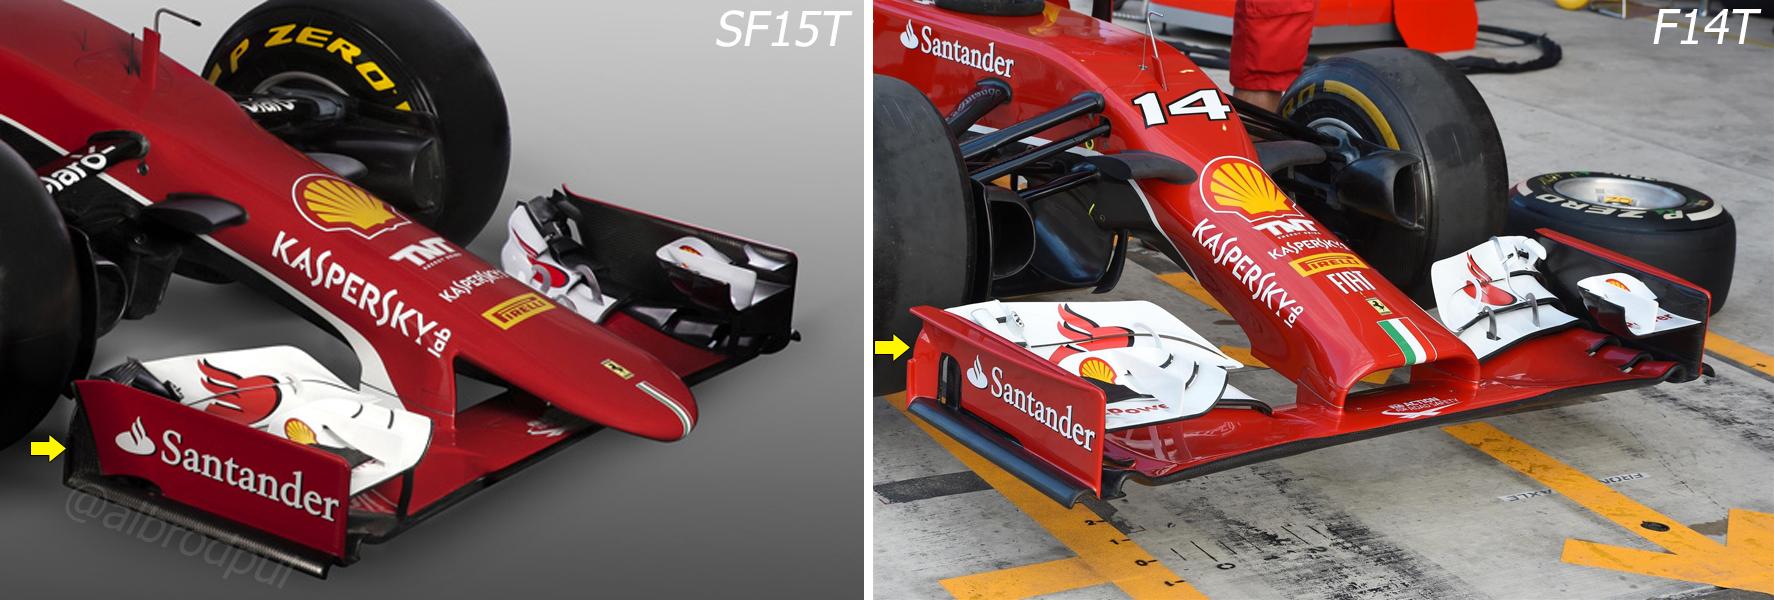 sf15t-nose-cone(2)